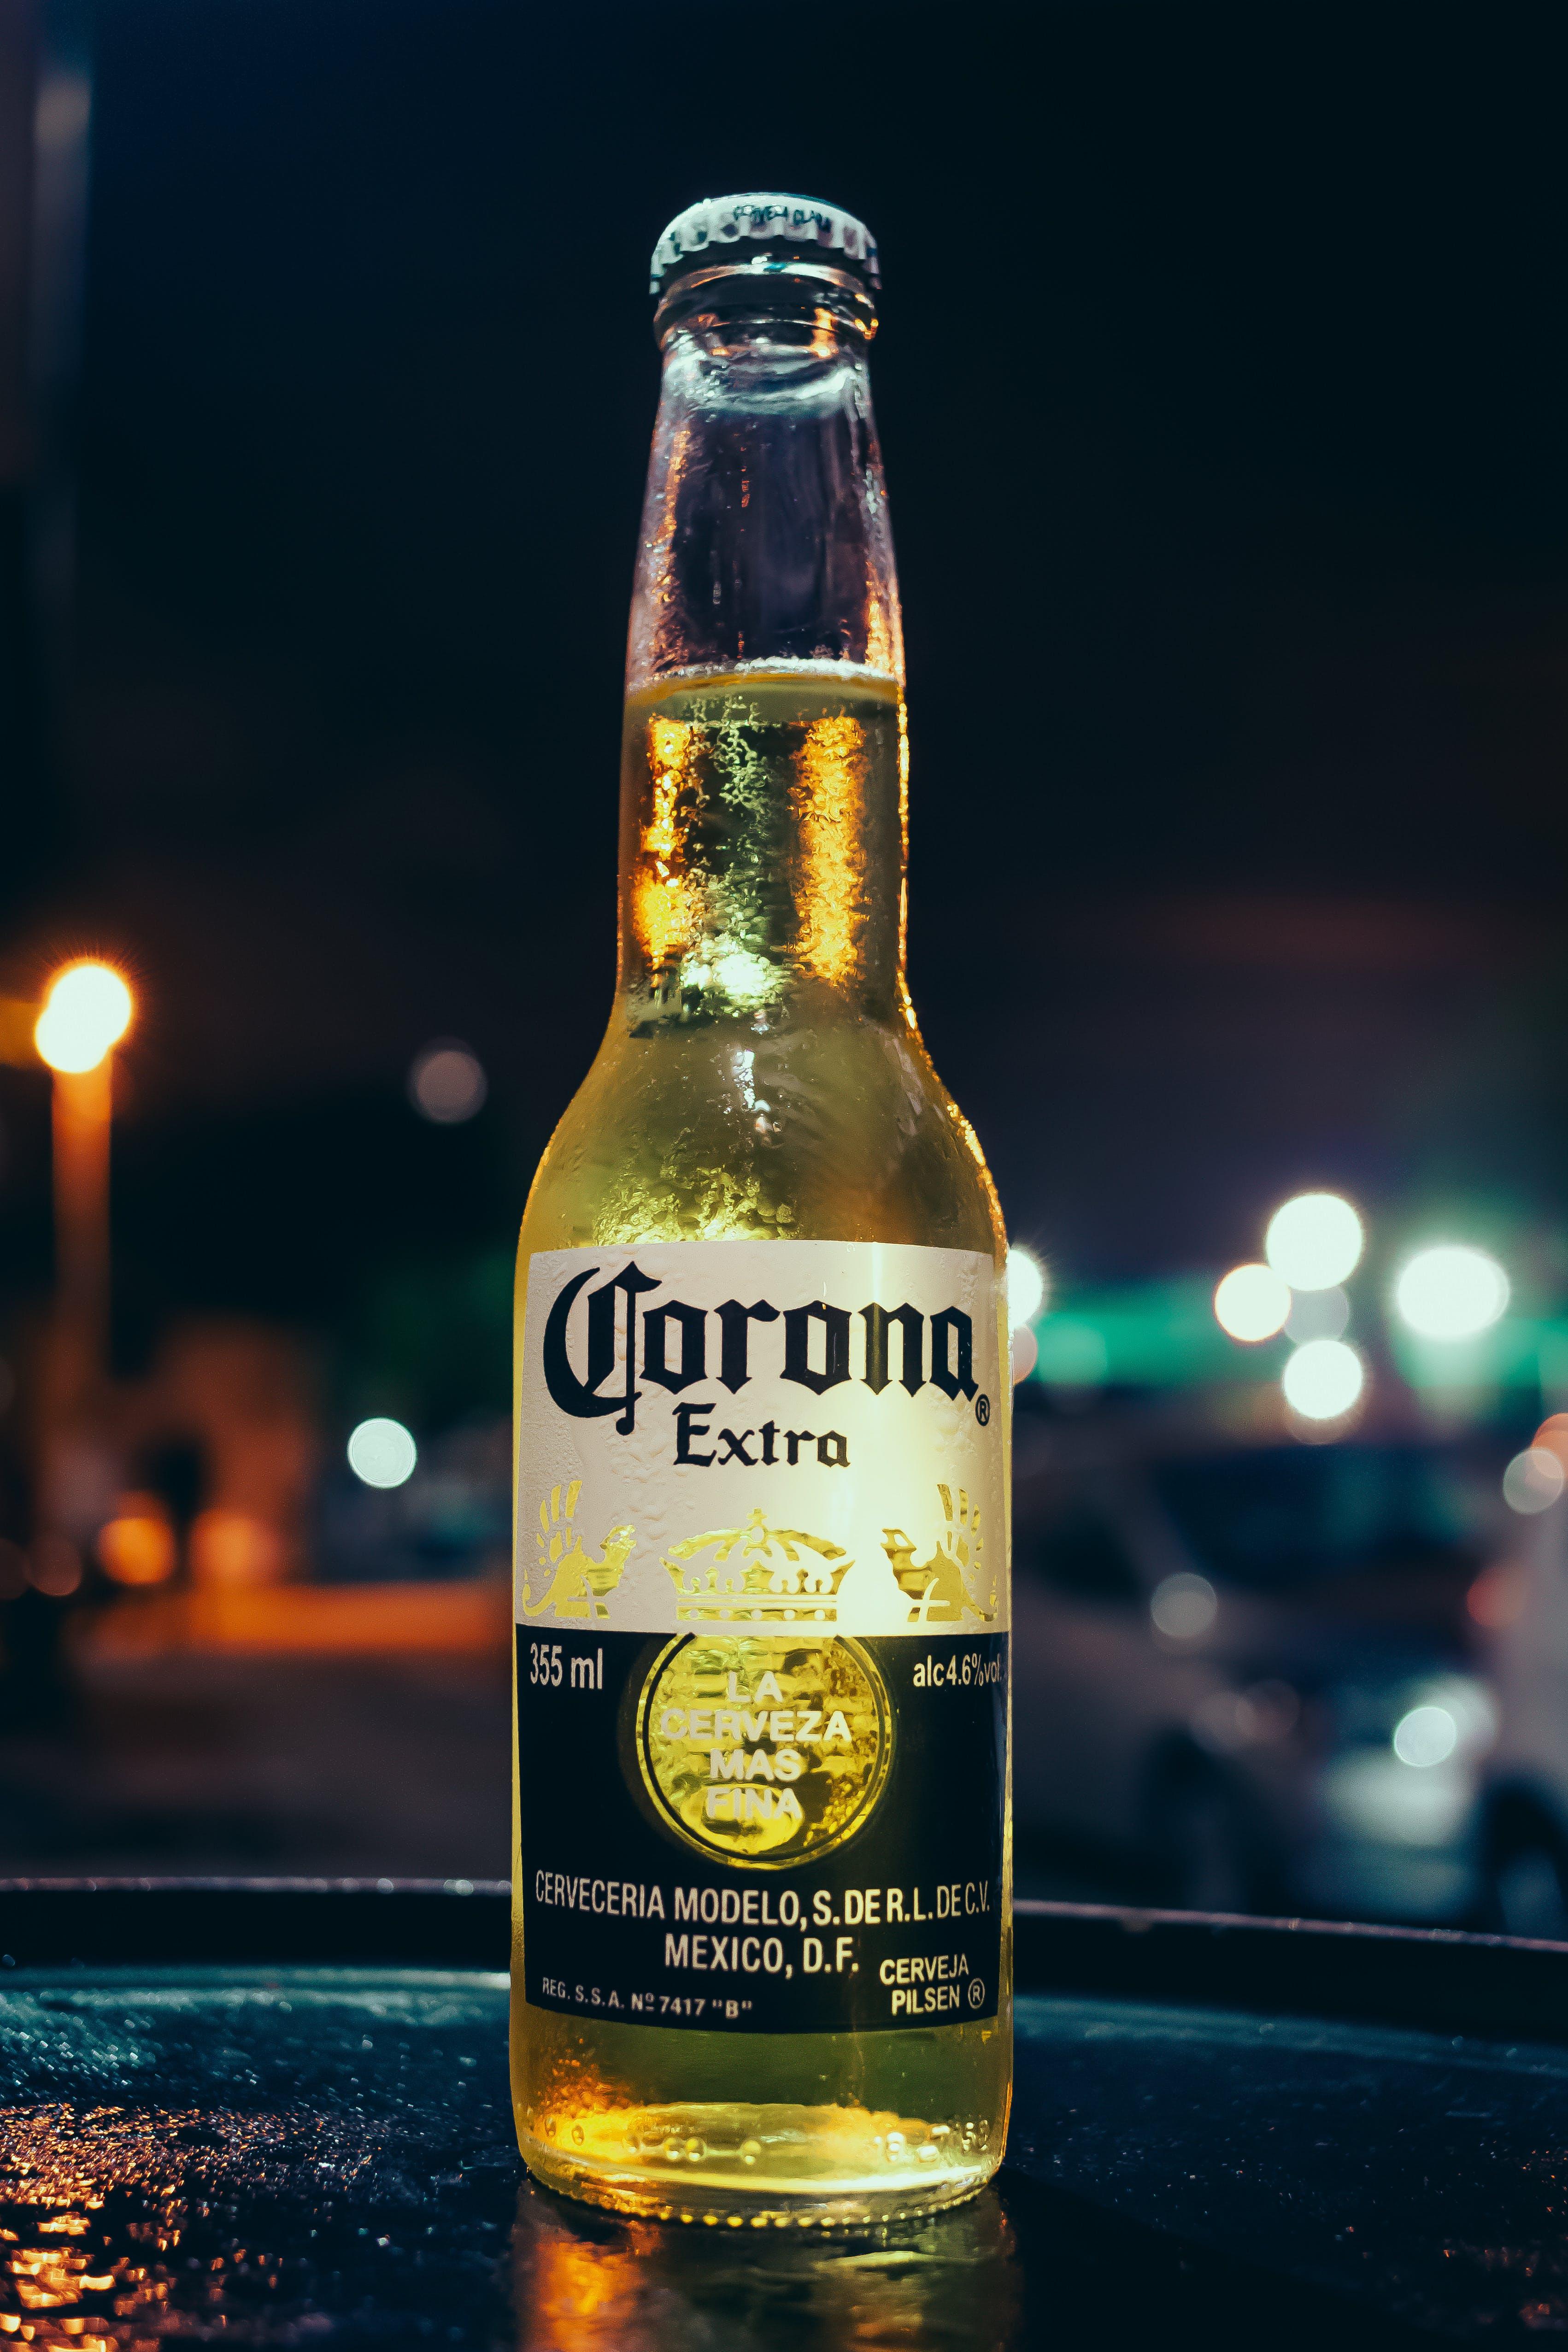 Kostnadsfri bild av alkohol, alkoholhaltig dryck, dryck, flaska